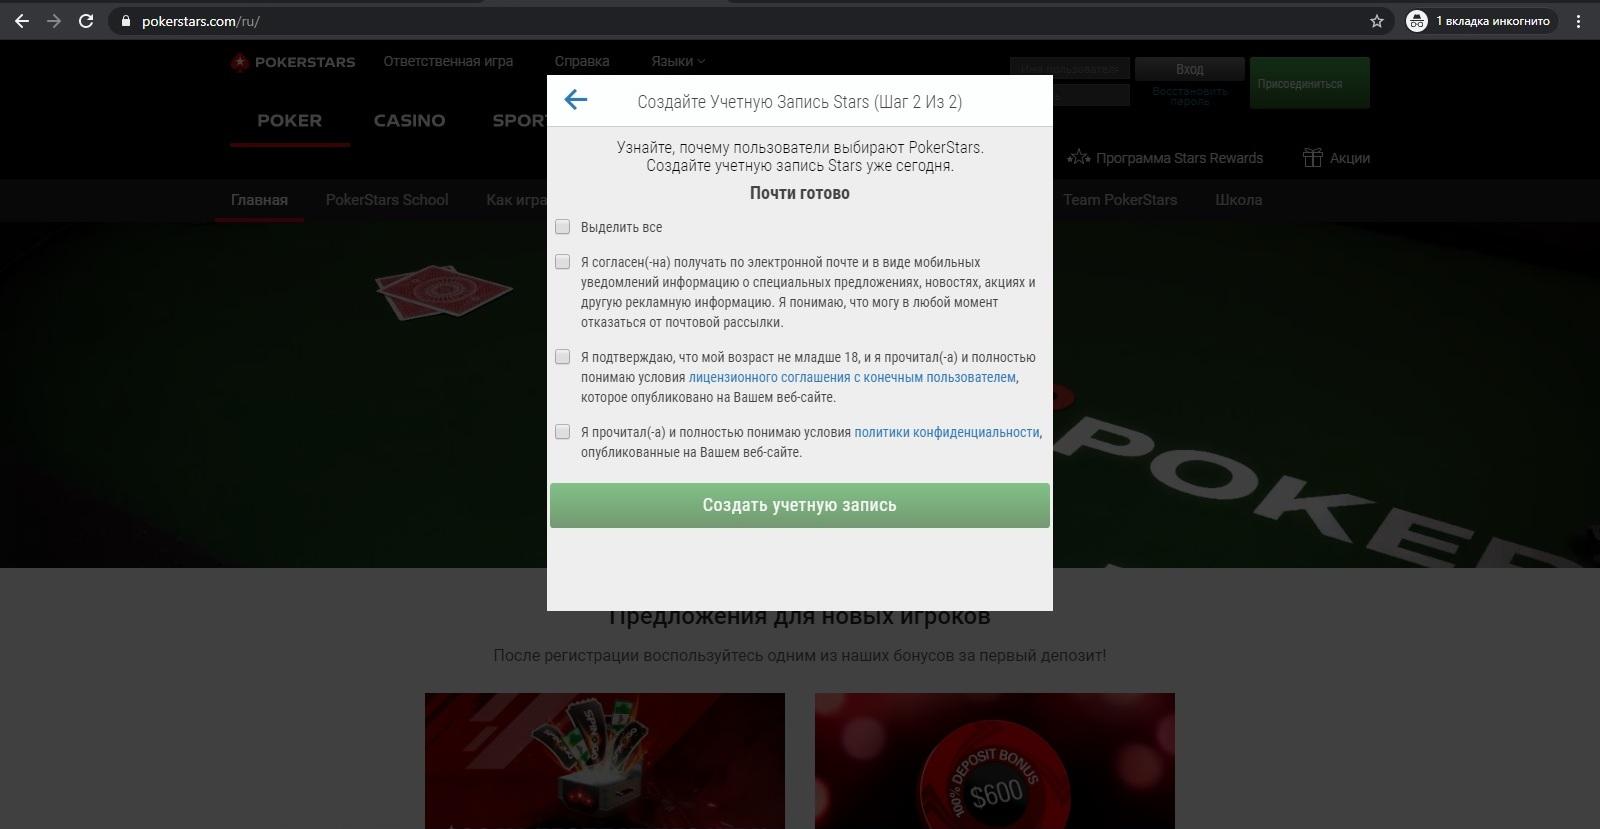 Регистрация на ПокерСтарс - инструкция и полезные советы - Фото 3